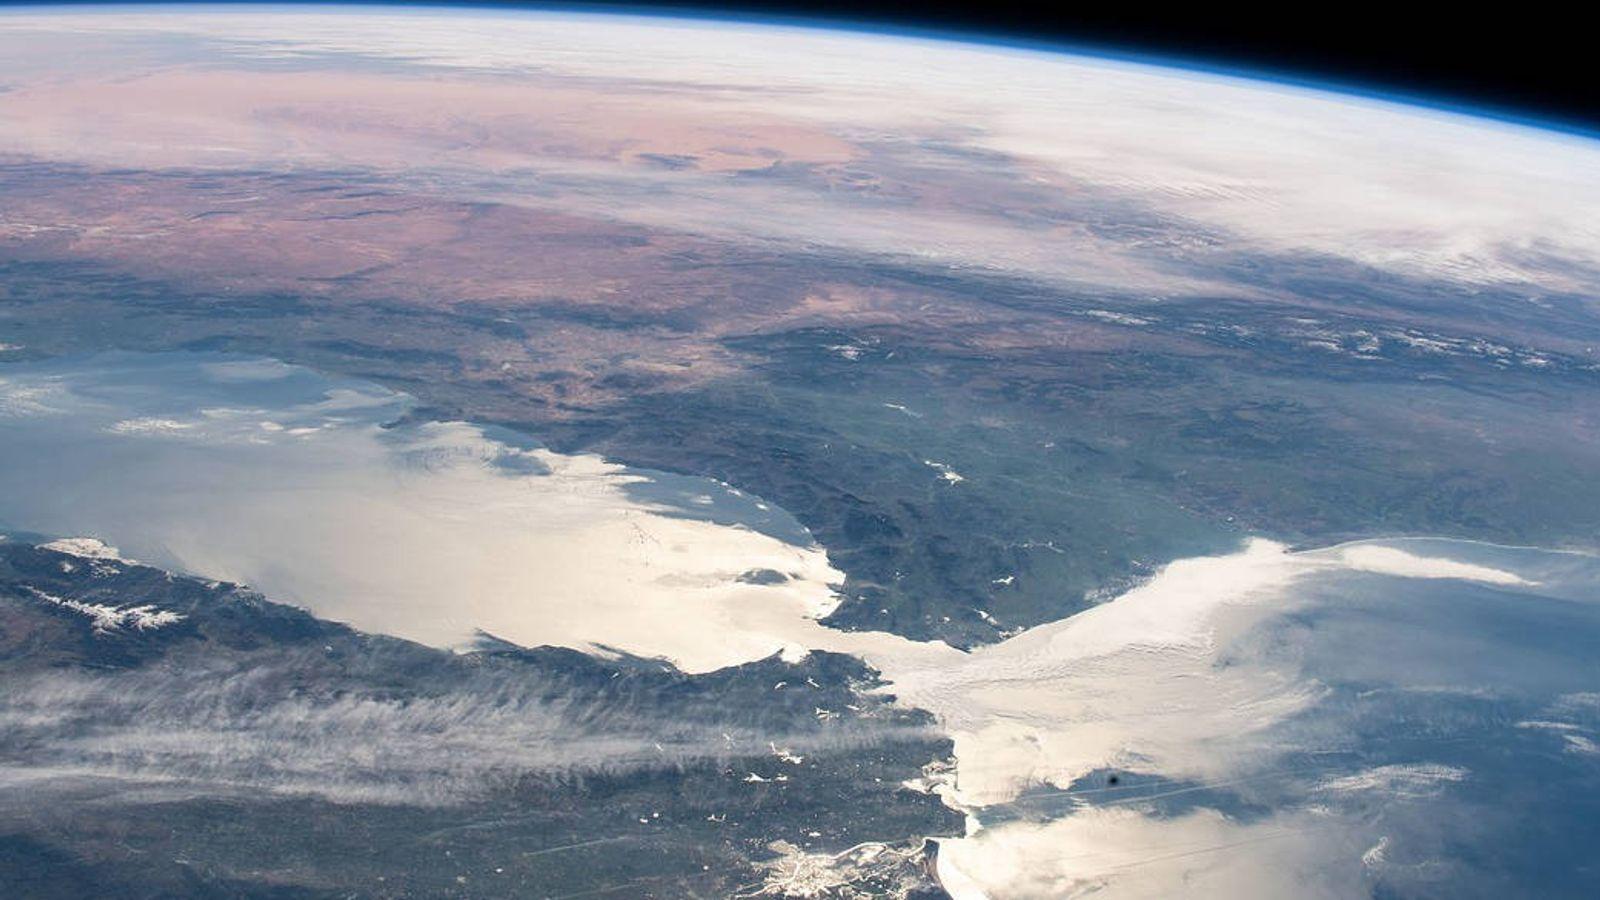 Le lien entre la Méditerranée et les océans du monde se limite à un passage maritime ...